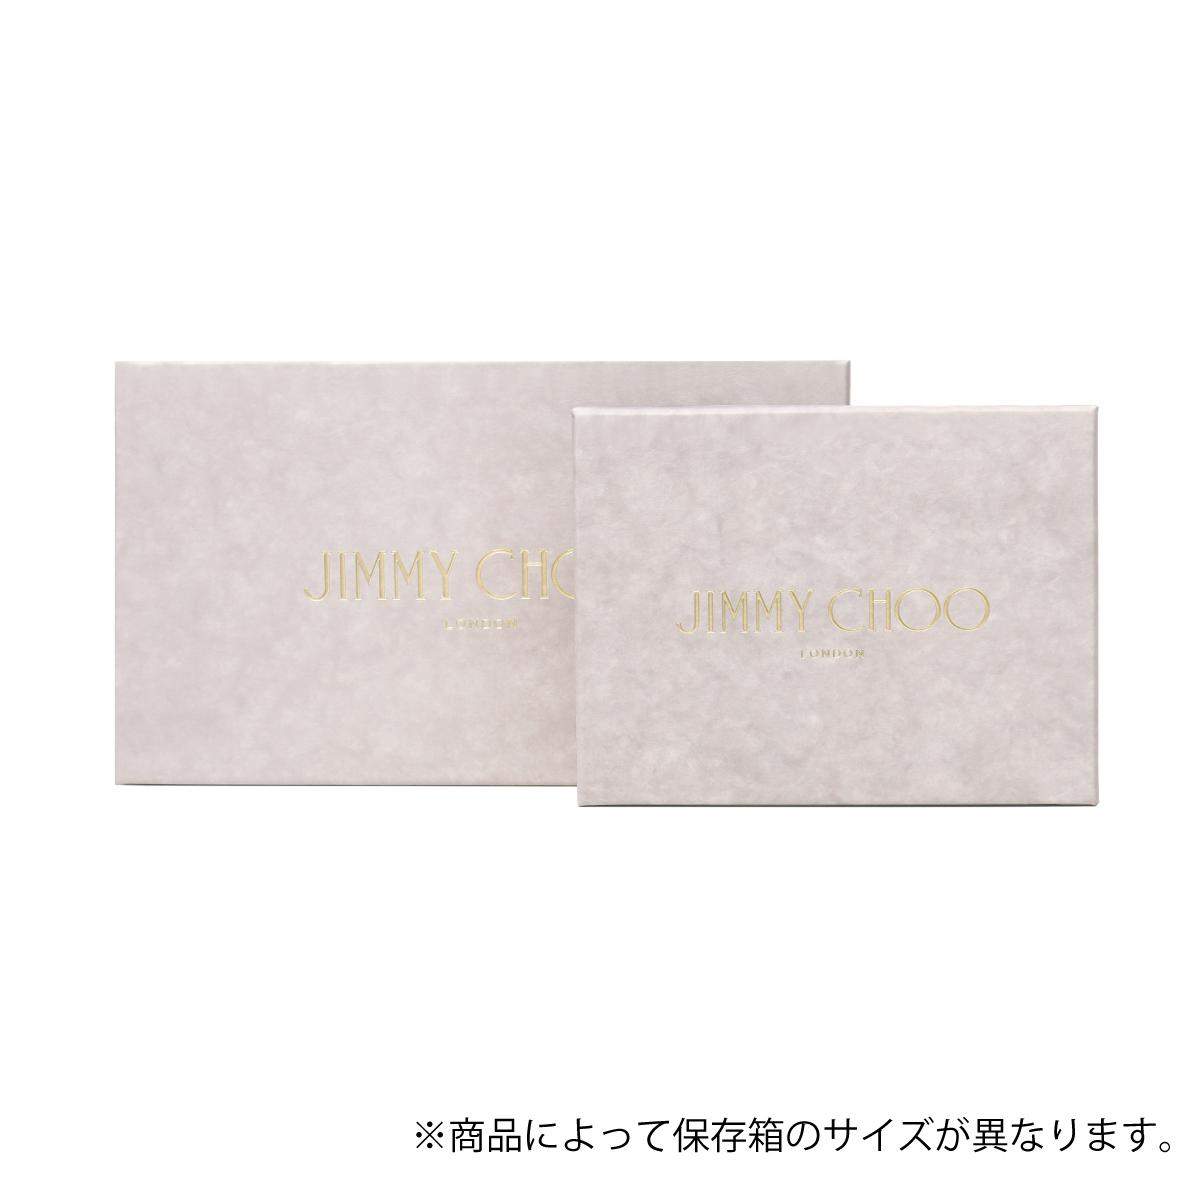 JIMMY CHOO ジミー チュウ | 三つ折り財布 スモール | NEMO ネモ